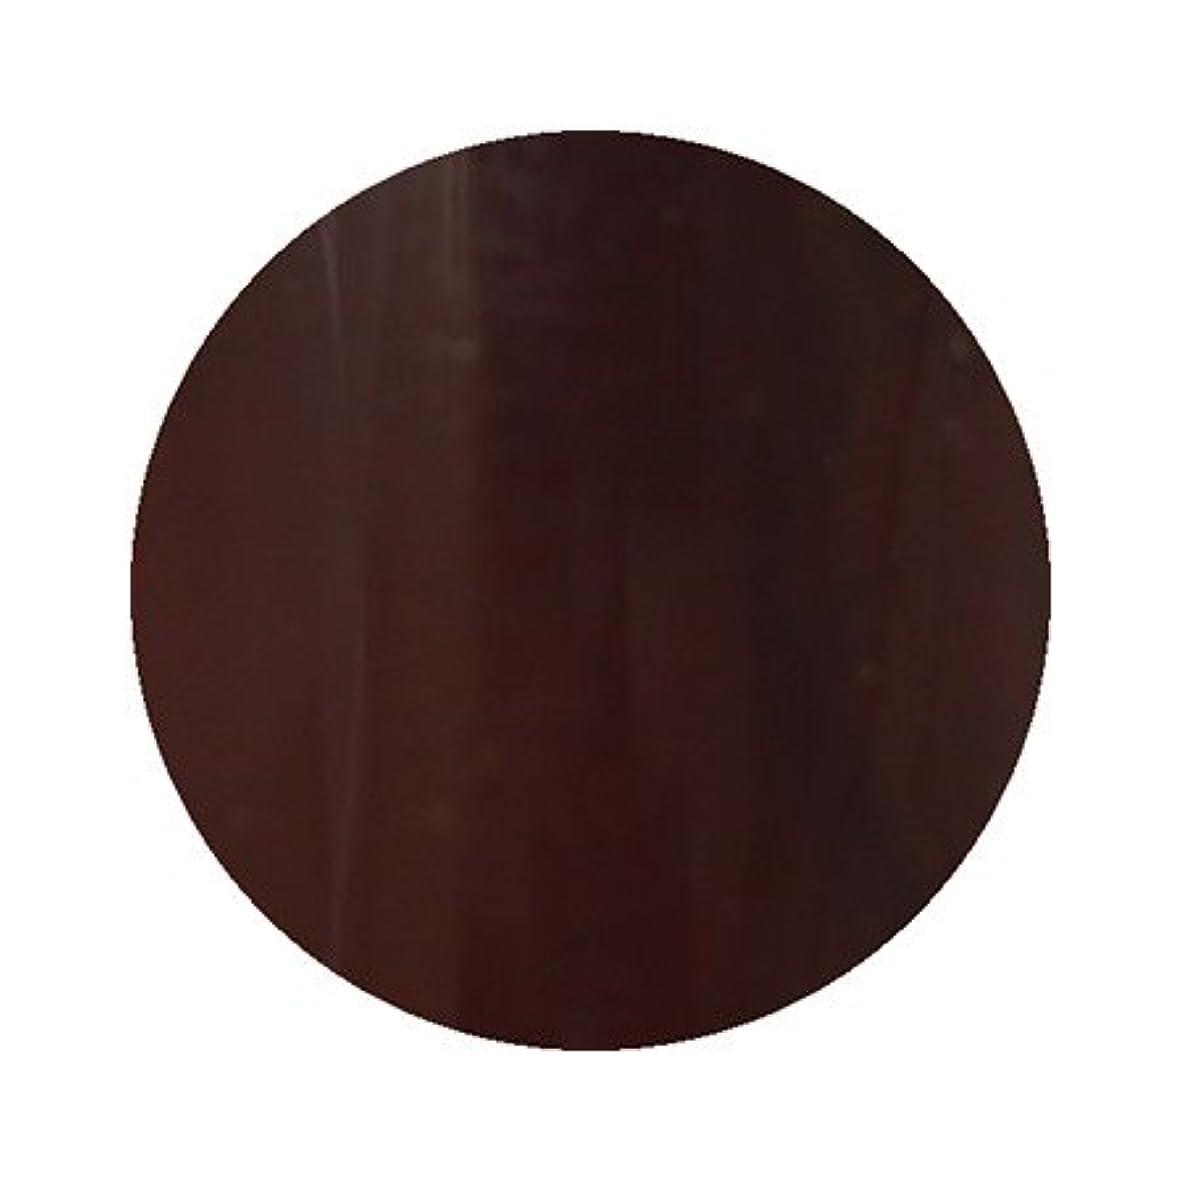 拒絶放射するパラポリッシュ ハイブリッドカラージェル MD13 ディープブラウン 7g